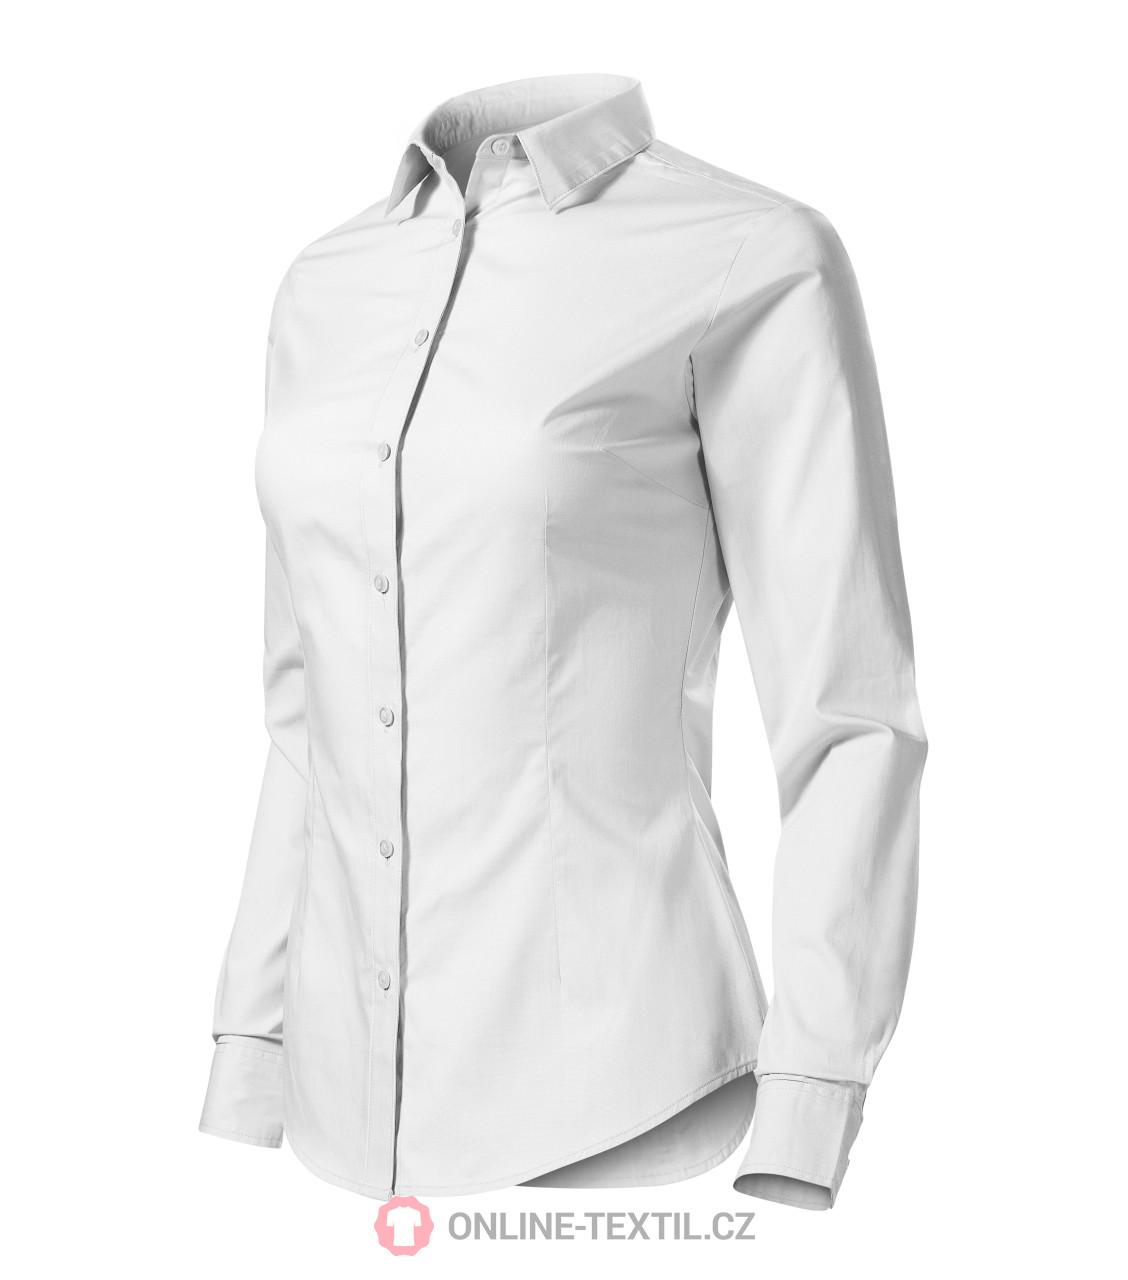 076dbf5d532 ADLER CZECH Dámská košile Style LS s dlouhým rukávem 229 - bílá z ...